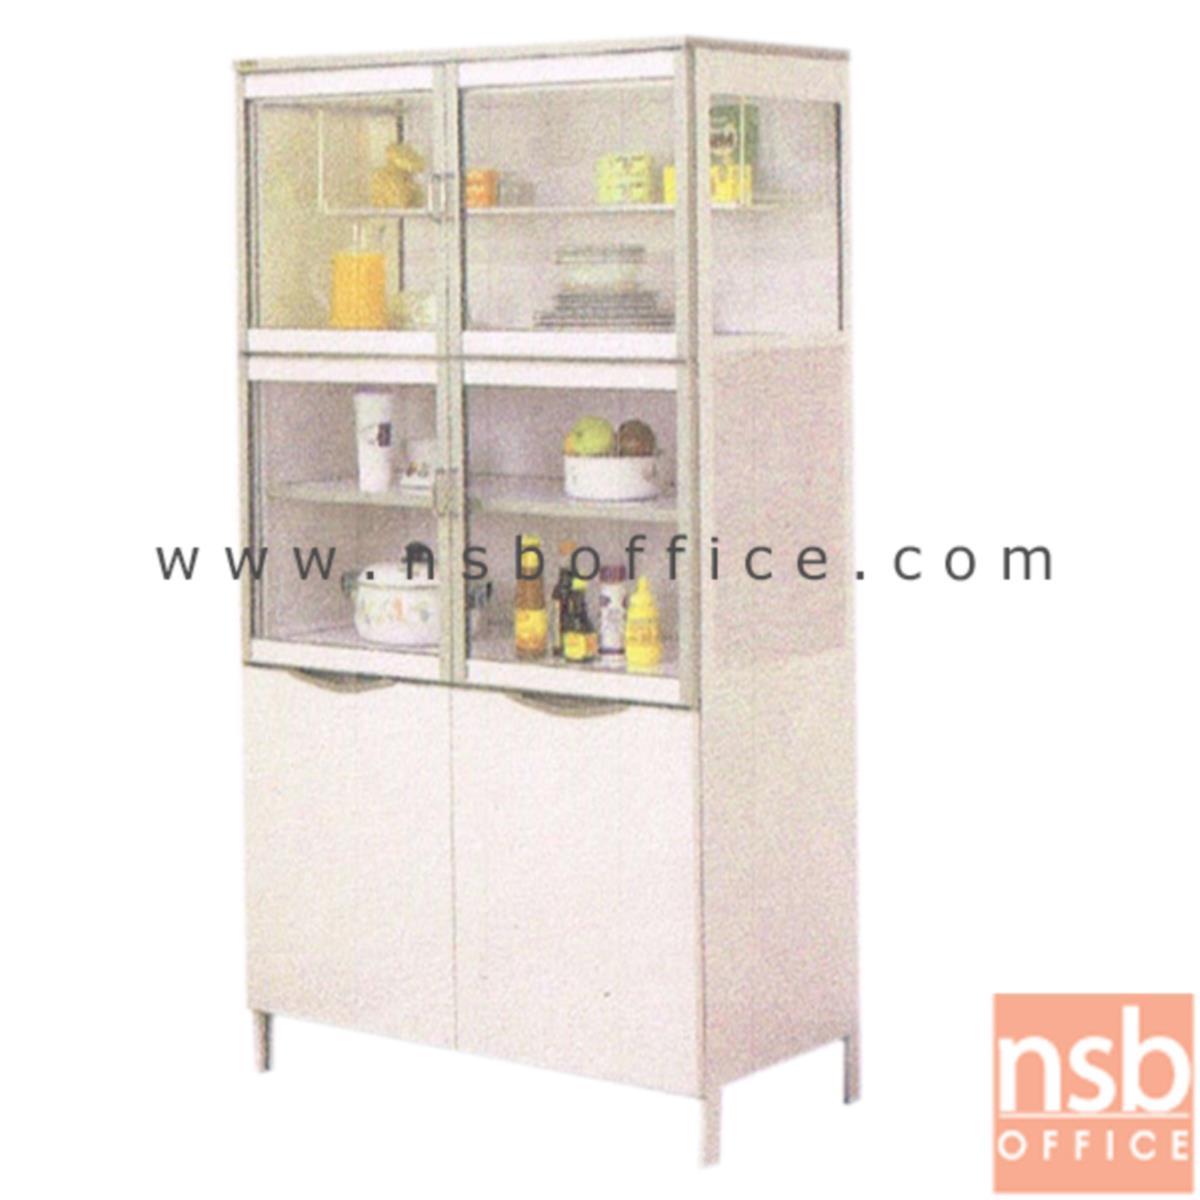 G07A111:ตู้ครัวสูงอลูมิเนียม สูง 190 ซม.  ขนาด 100W*52D*190H cm.